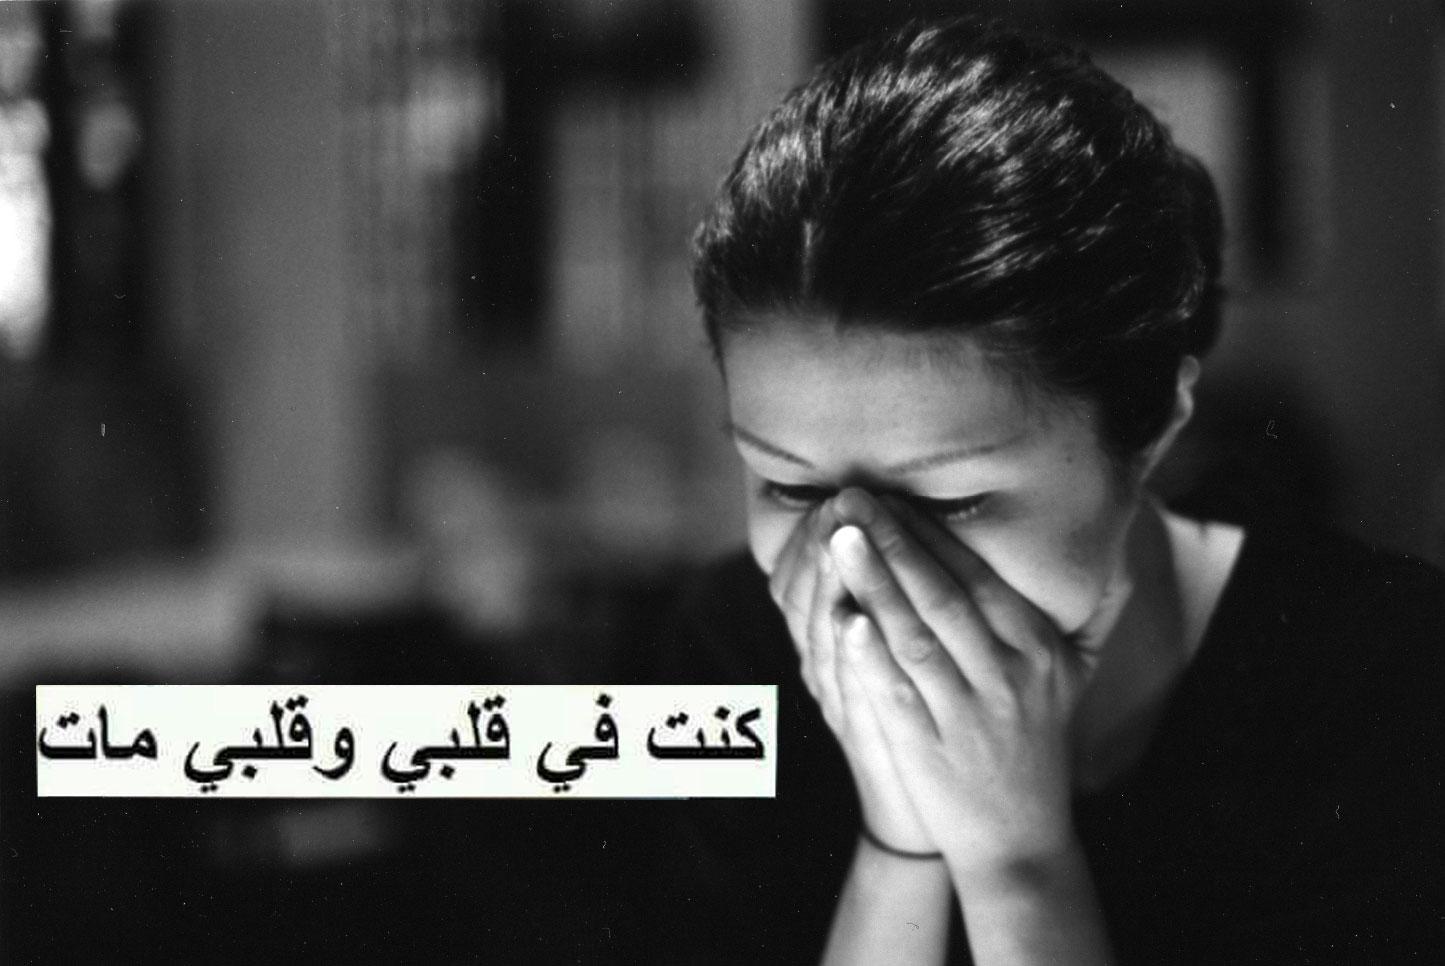 بالصور رمزيات حزينه , كلمات حزينه للفراق unnamed file 122